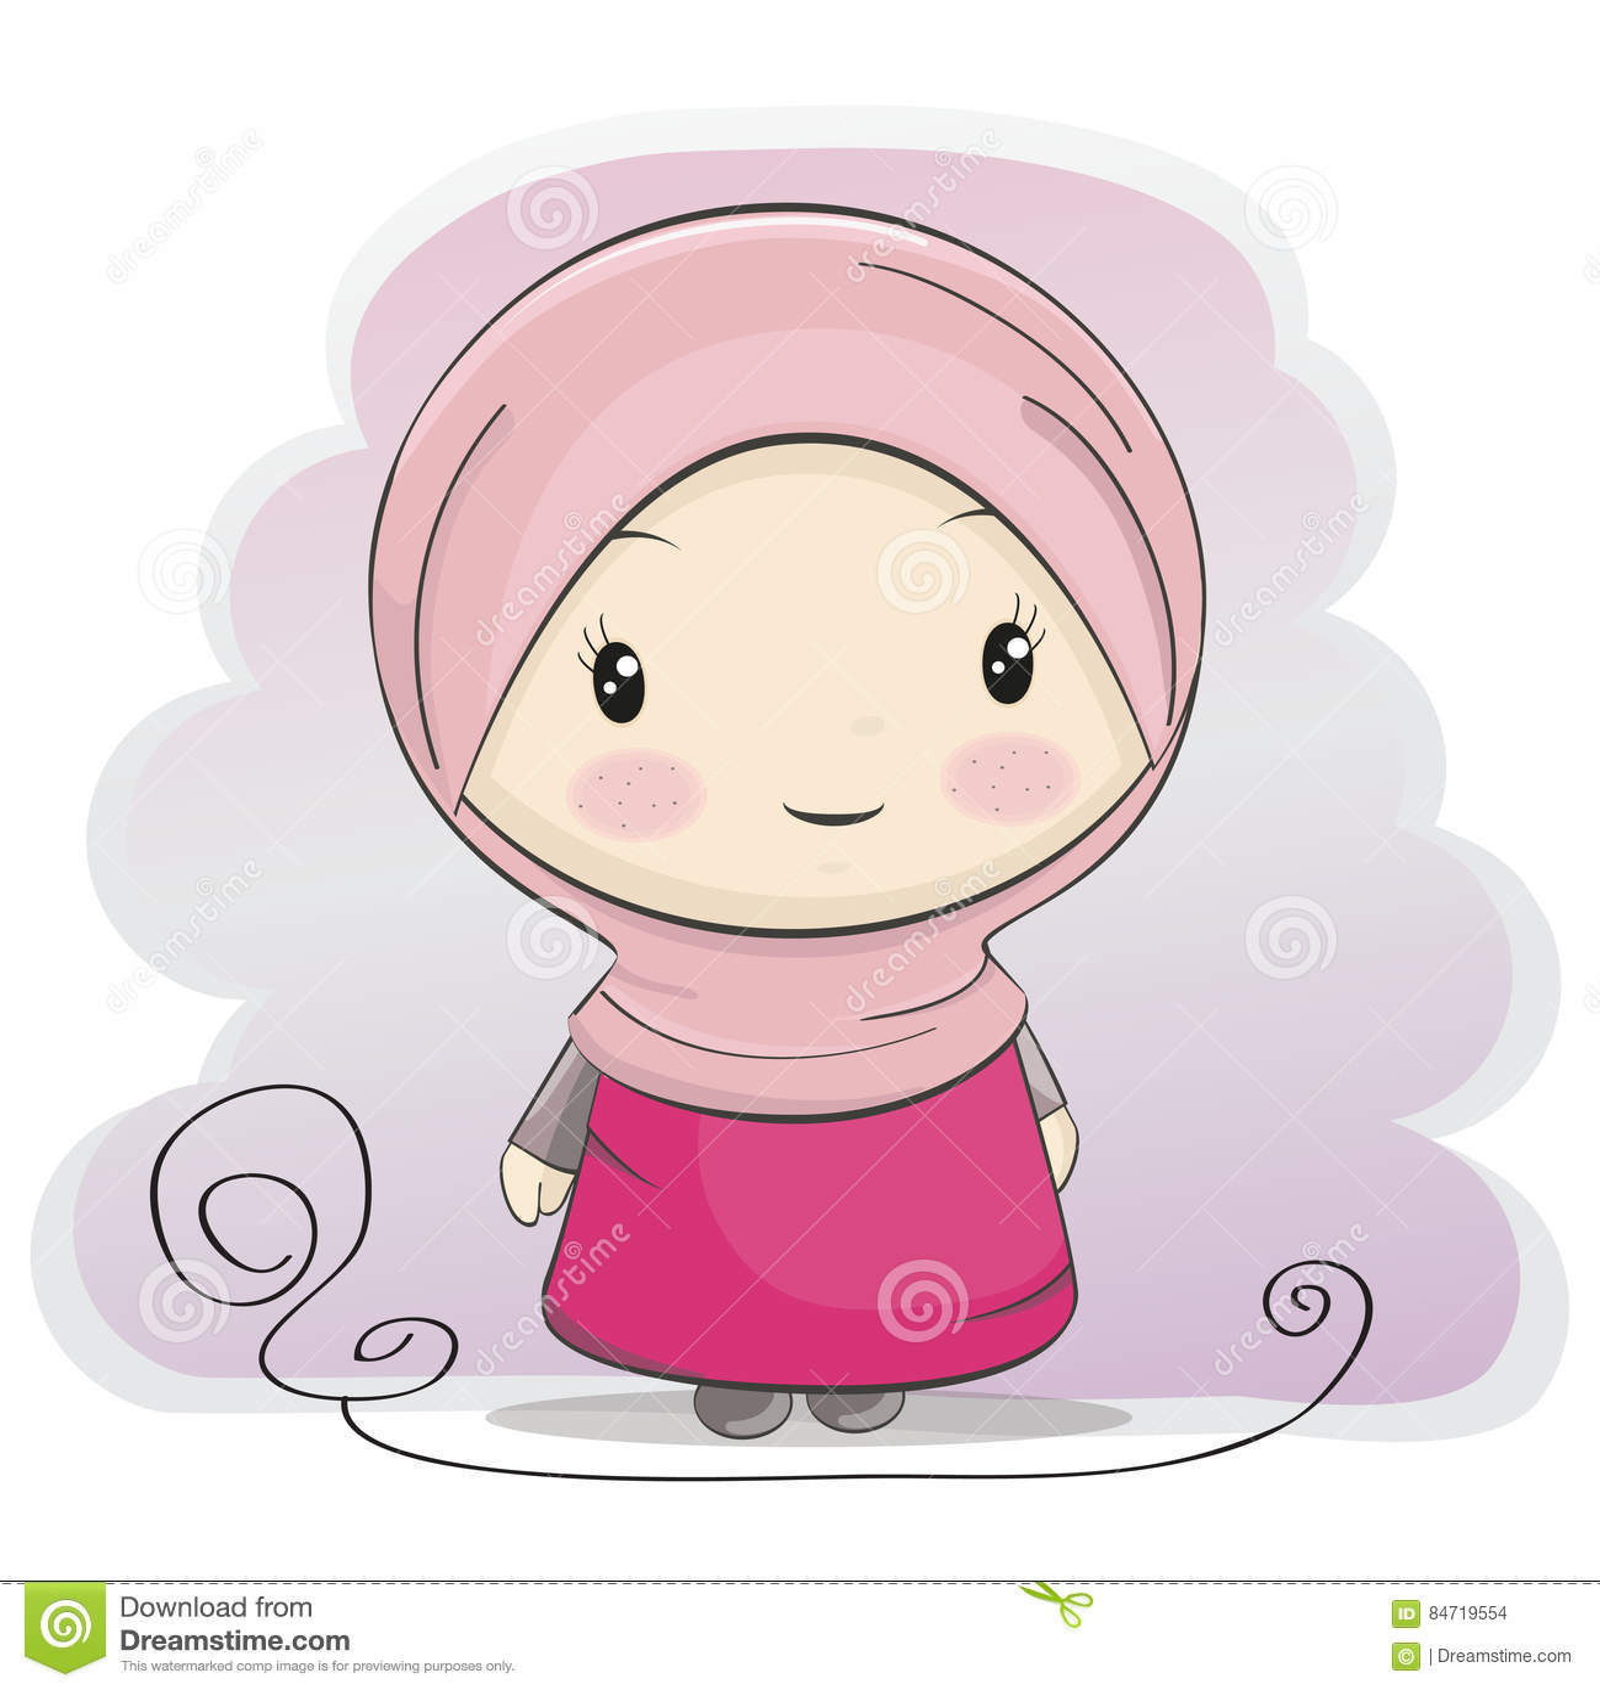 A Cute Muslim Girl Cartoon Illustration Stock Vector Illustration